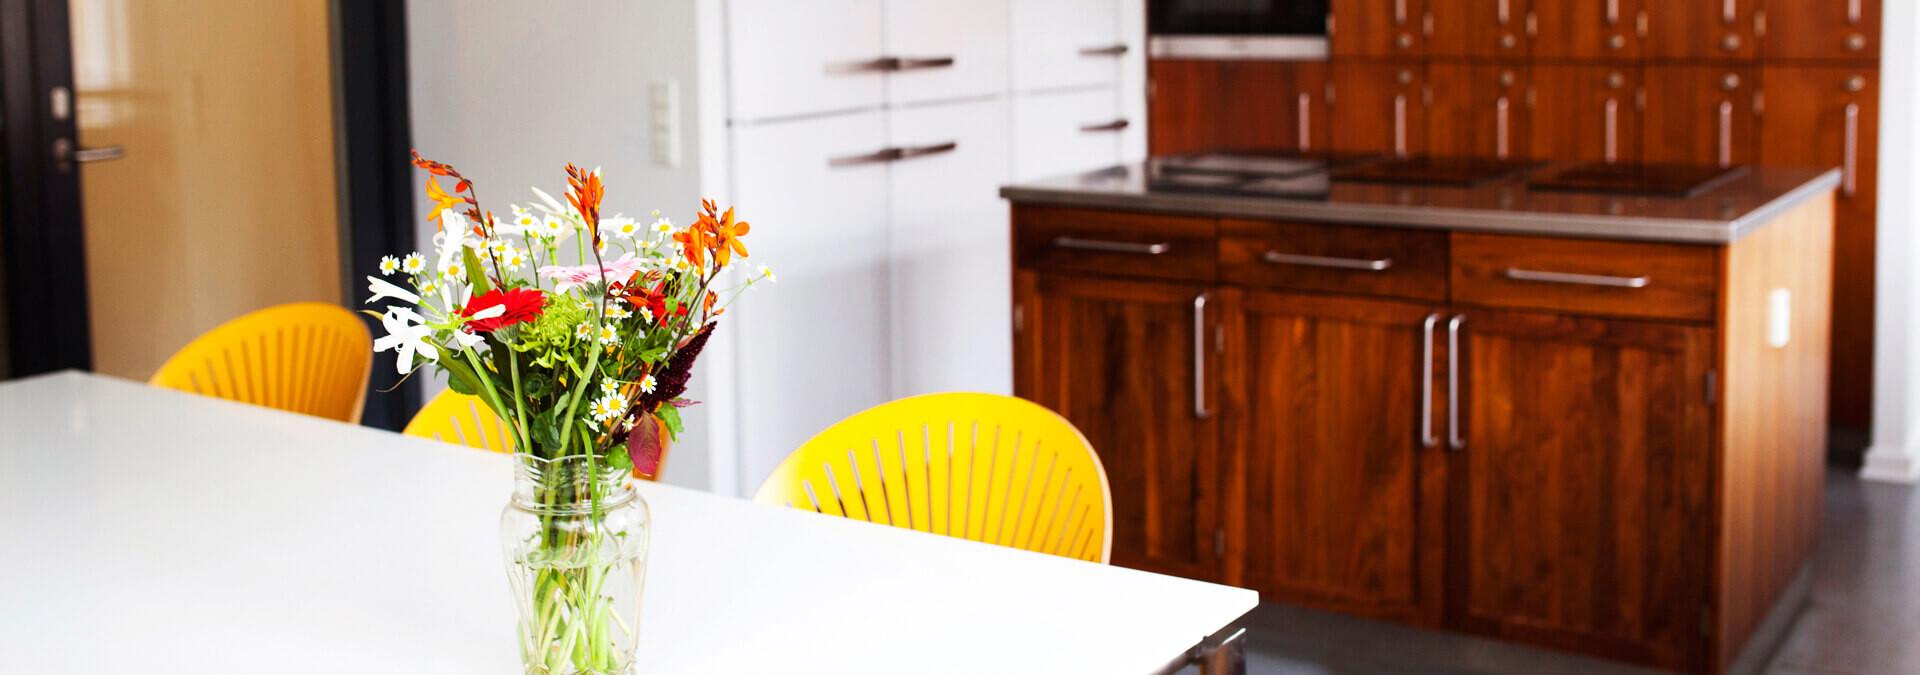 Etagekøkken på krisecenter med borde, stole, komfur, skabe og køleskab